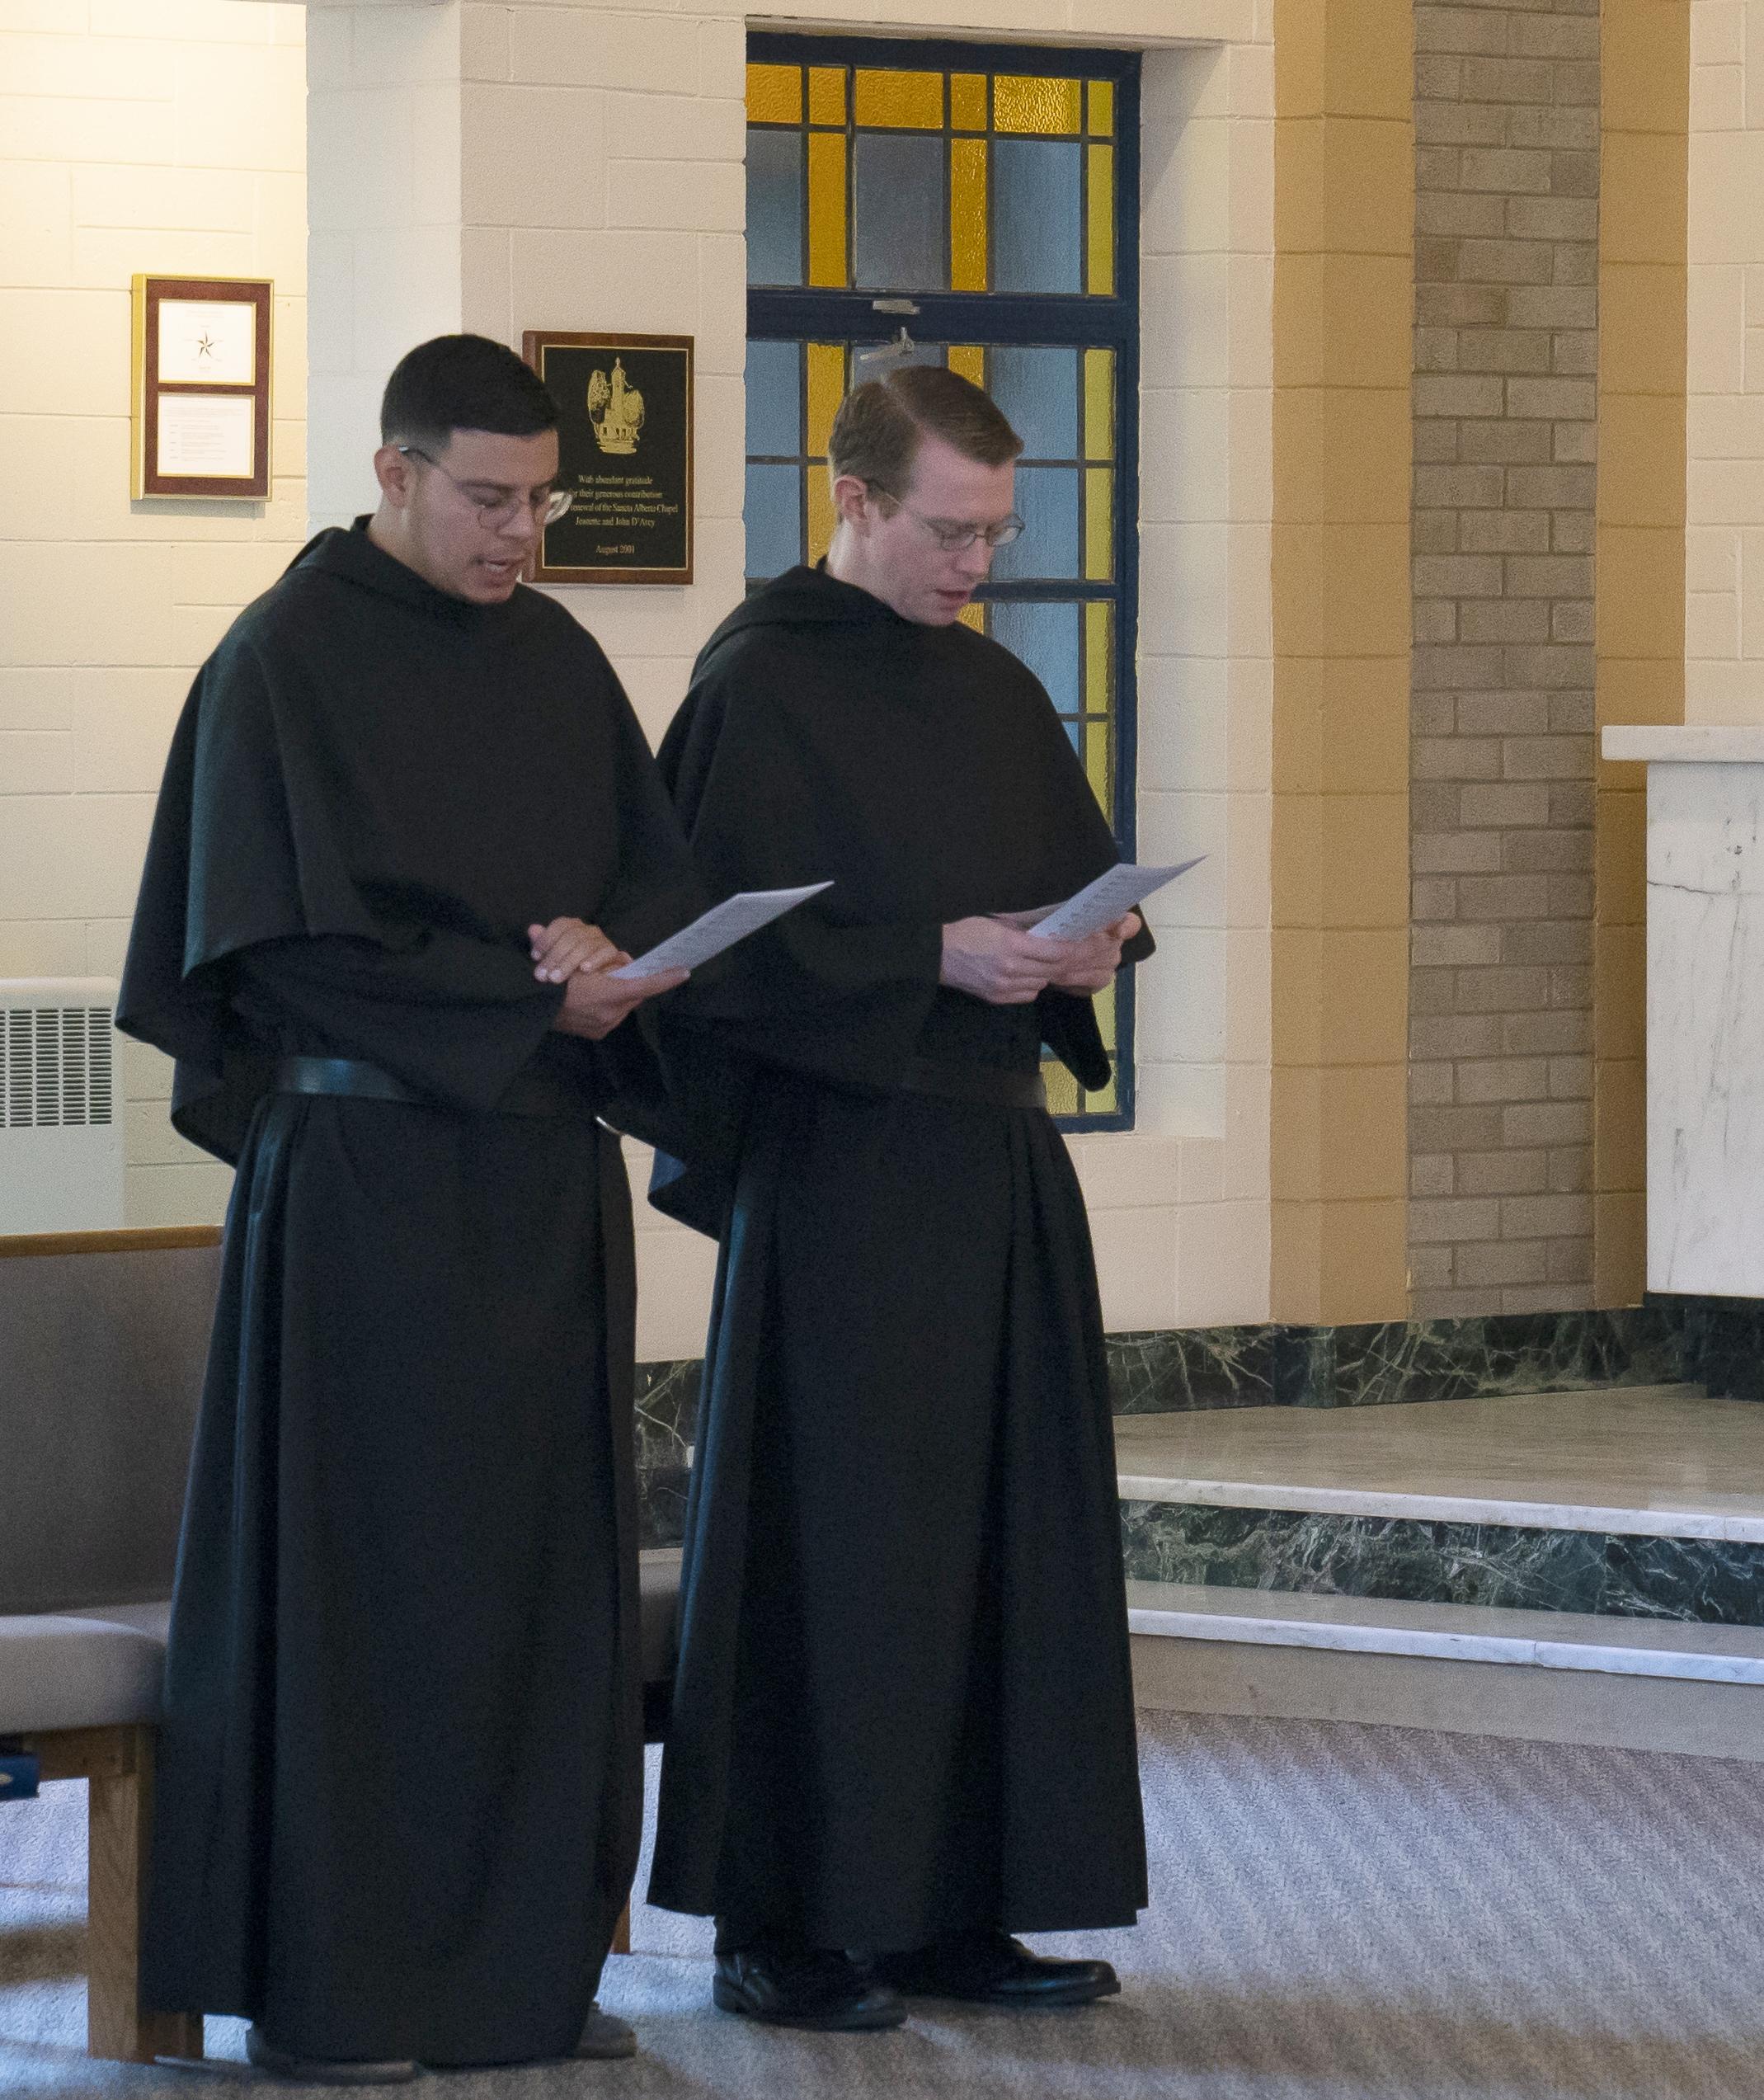 Br. Mauricio Morales and Br. Nicholas Mullarkey